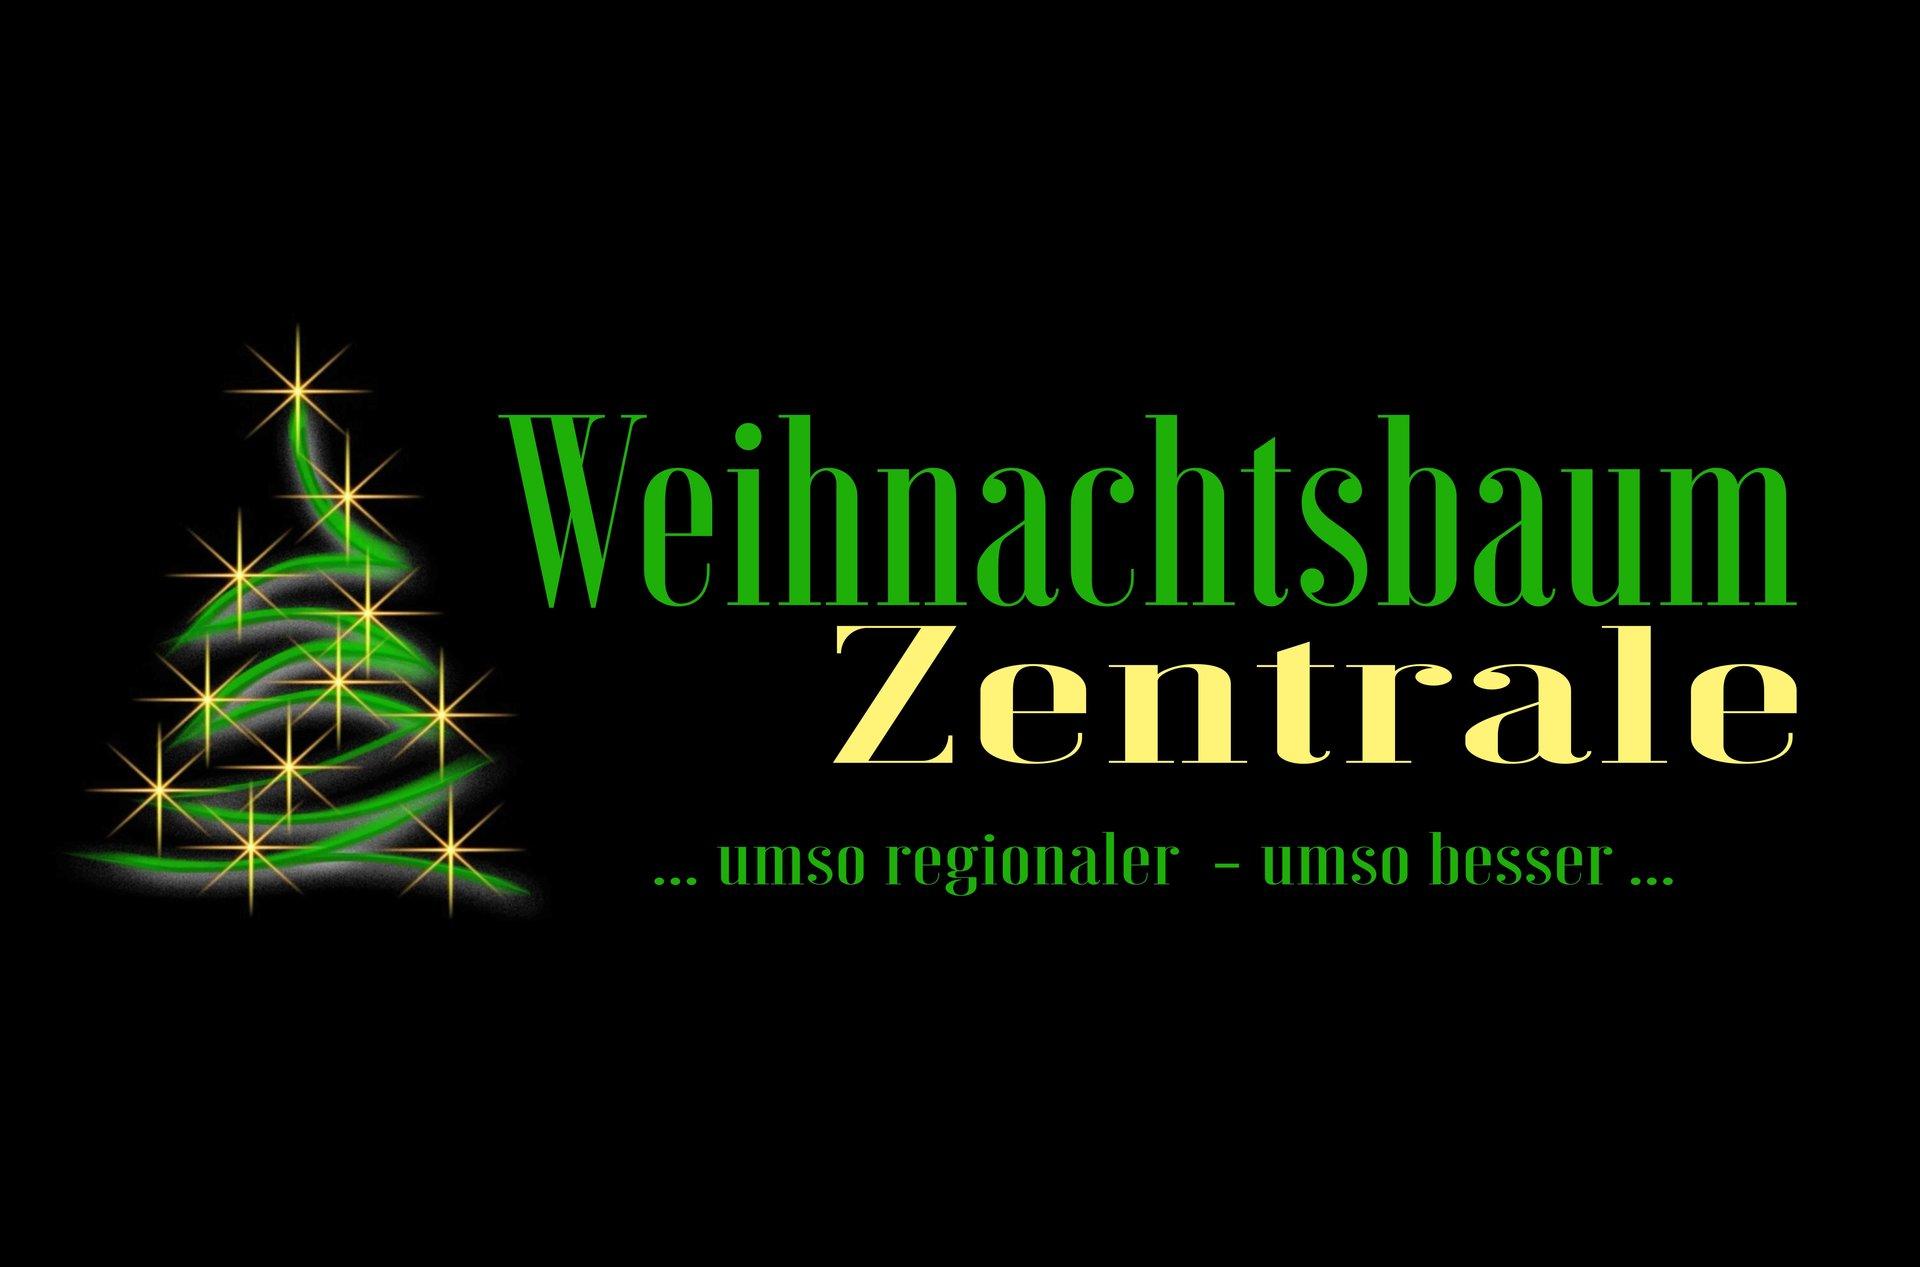 Werbebanner f r den weihnachtsbaumverkauf - Weihnachtsbaumverkauf hamburg ...